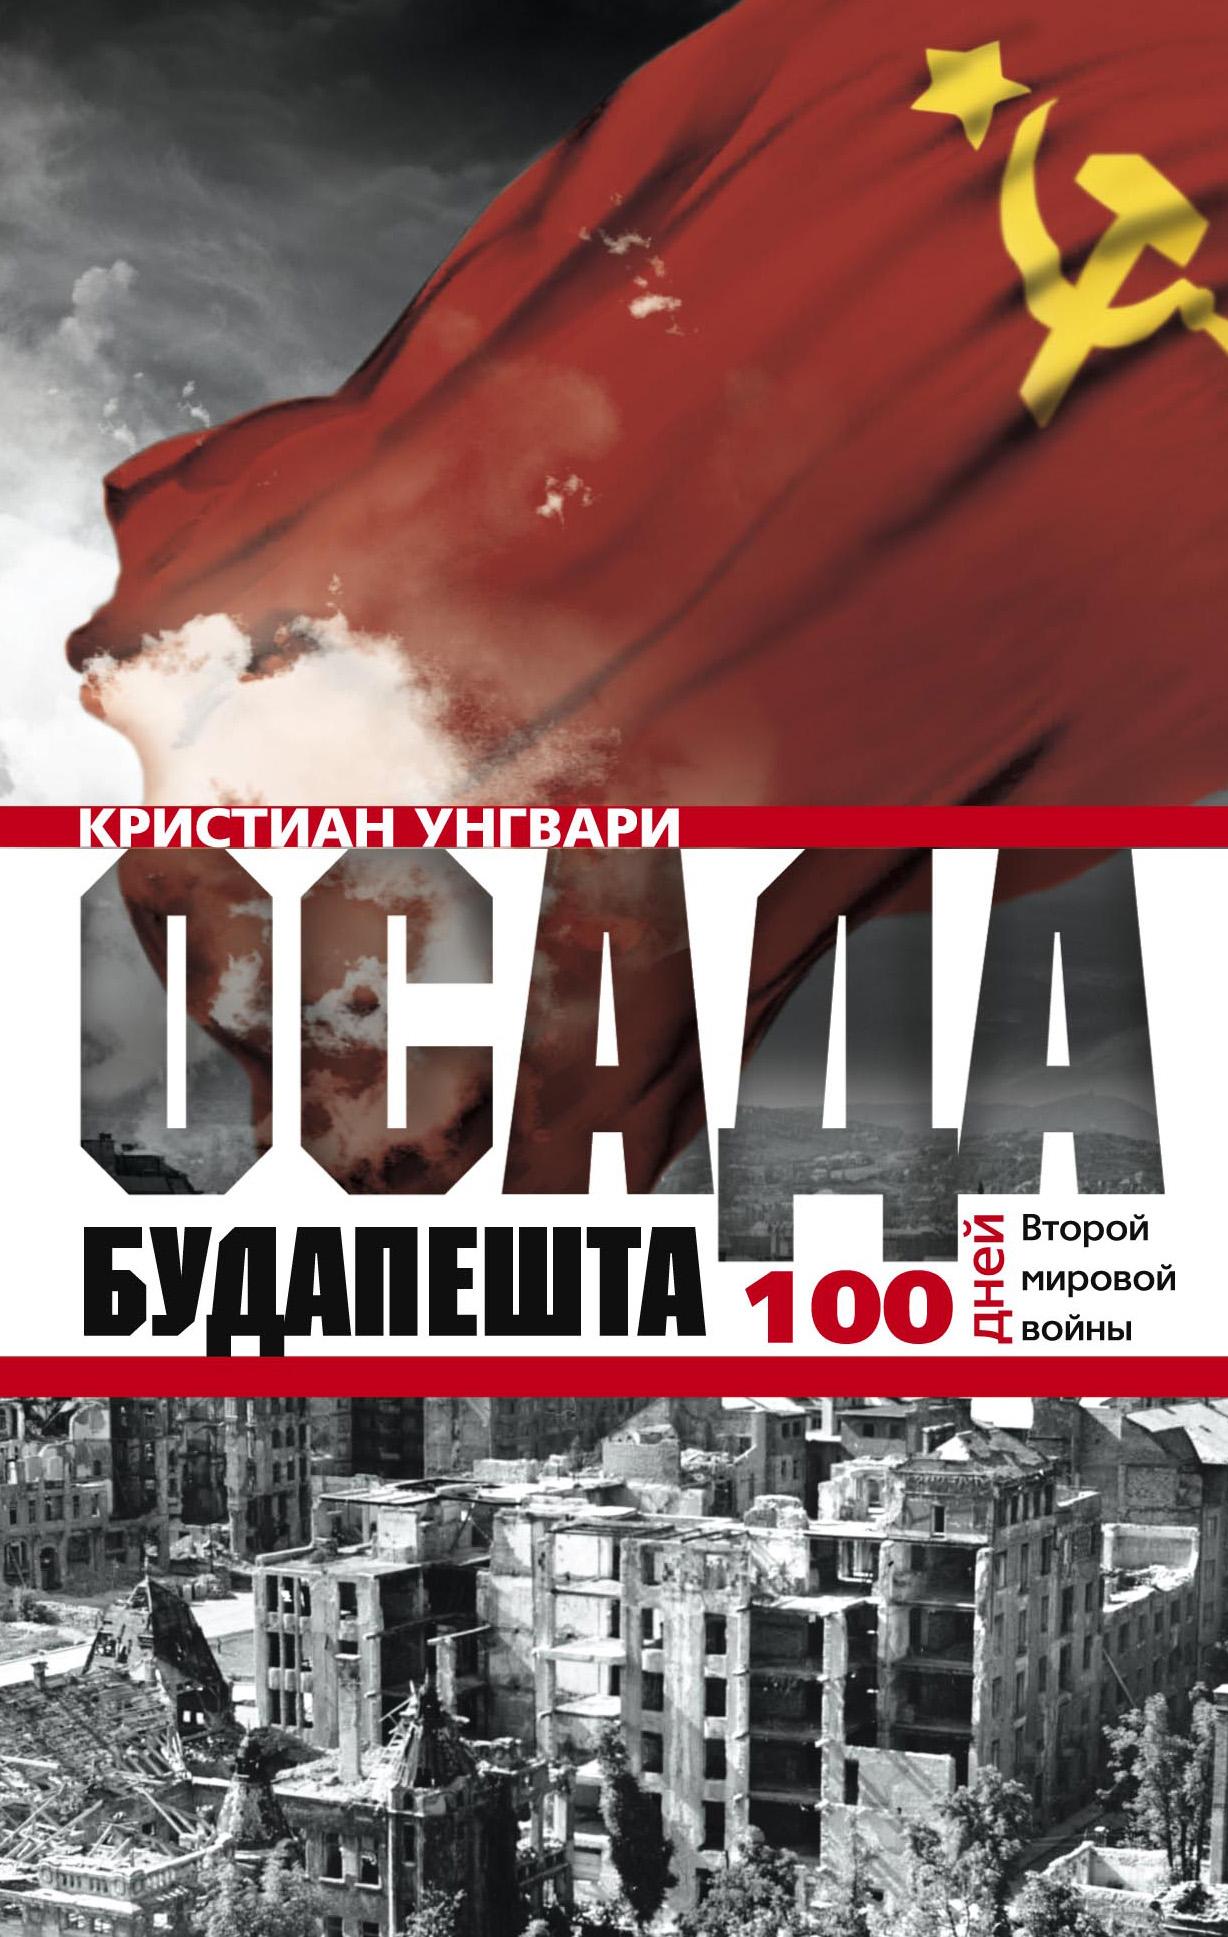 Кристиан Унгвари Осада Будапешта. 100 дней Второй мировой войны марина белова золото ночного будапешта